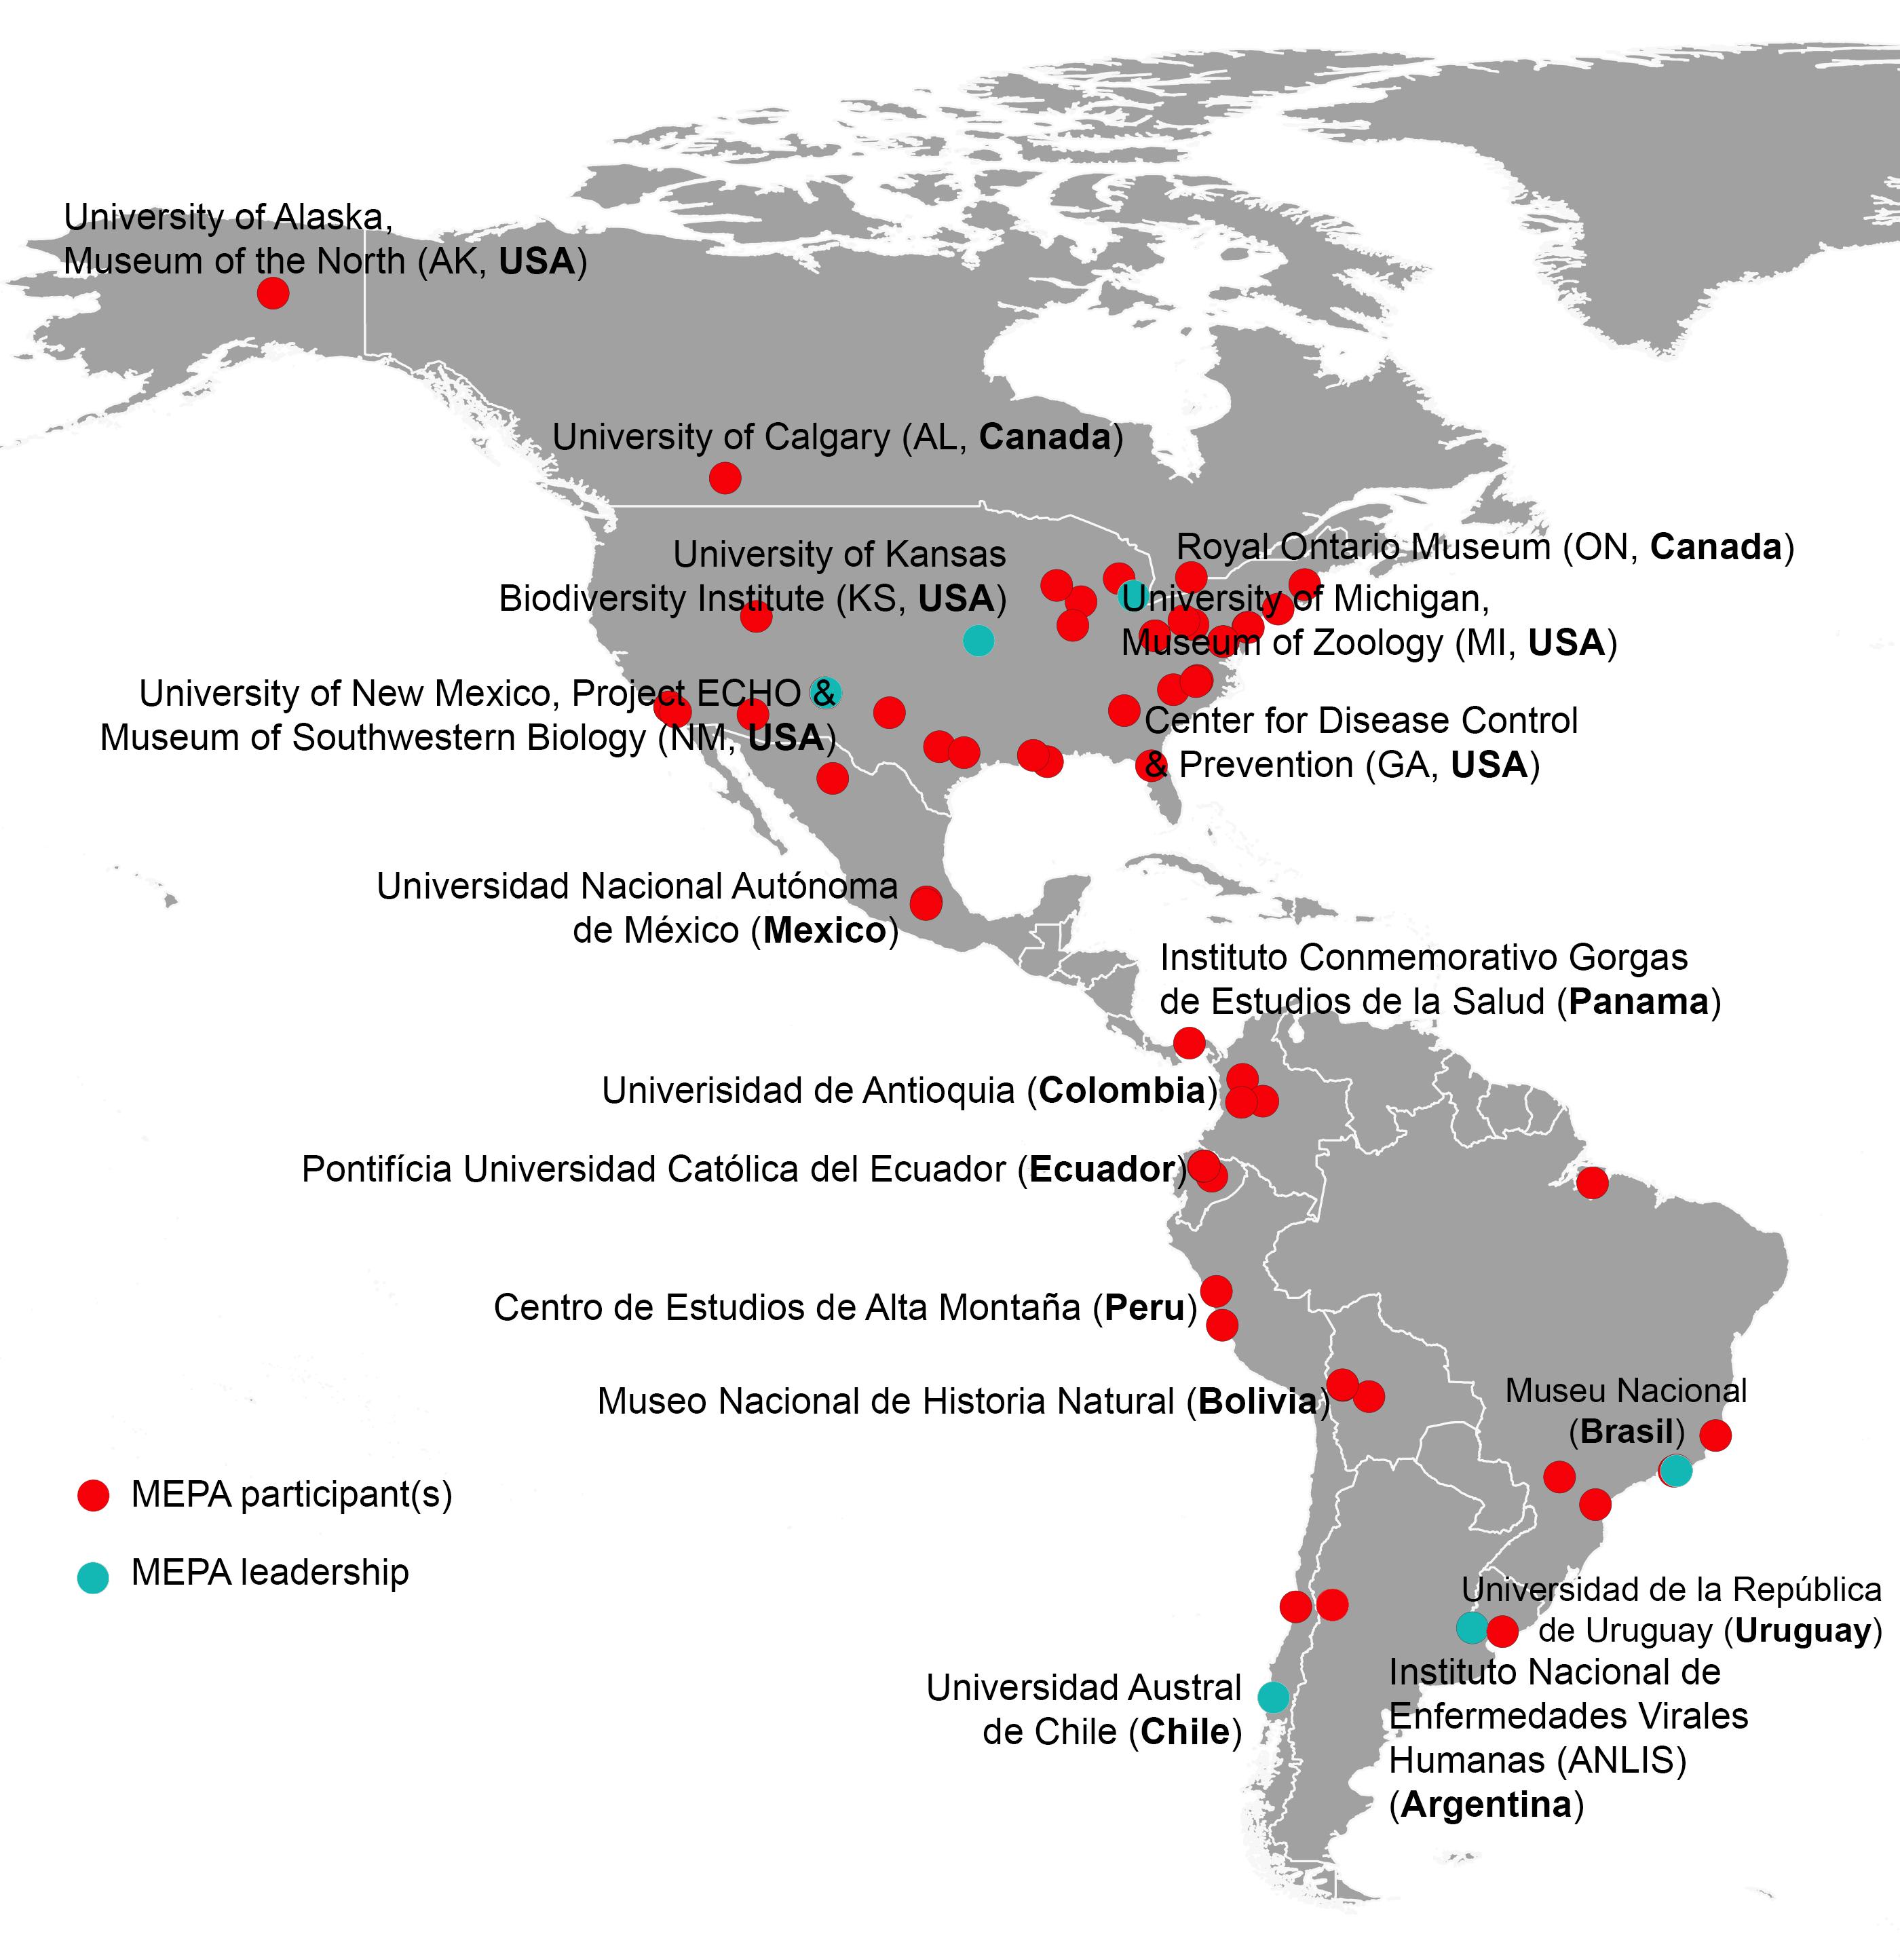 Թանգարաններ և զարգացող պաթոգեններ Ամերիկայի մայրցամաքներում մասնակից կազմակերպությունների քարտեզ